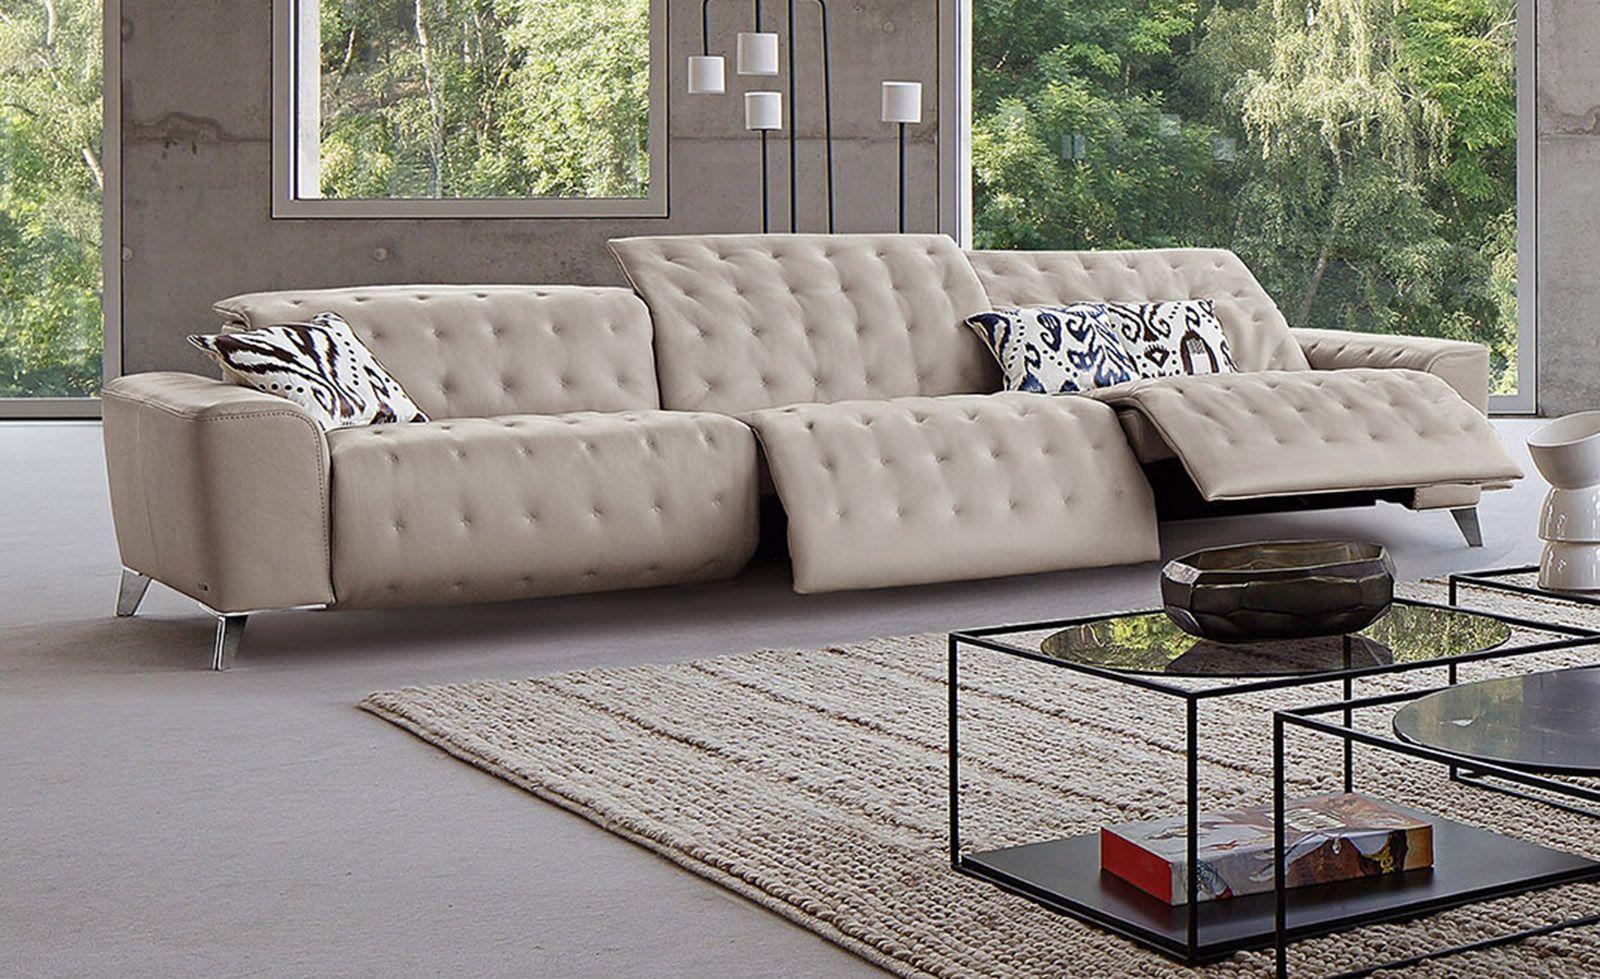 Divani Con Meccanismo Relax divani con meccanismi. per ogni tipo di relax | divano relax